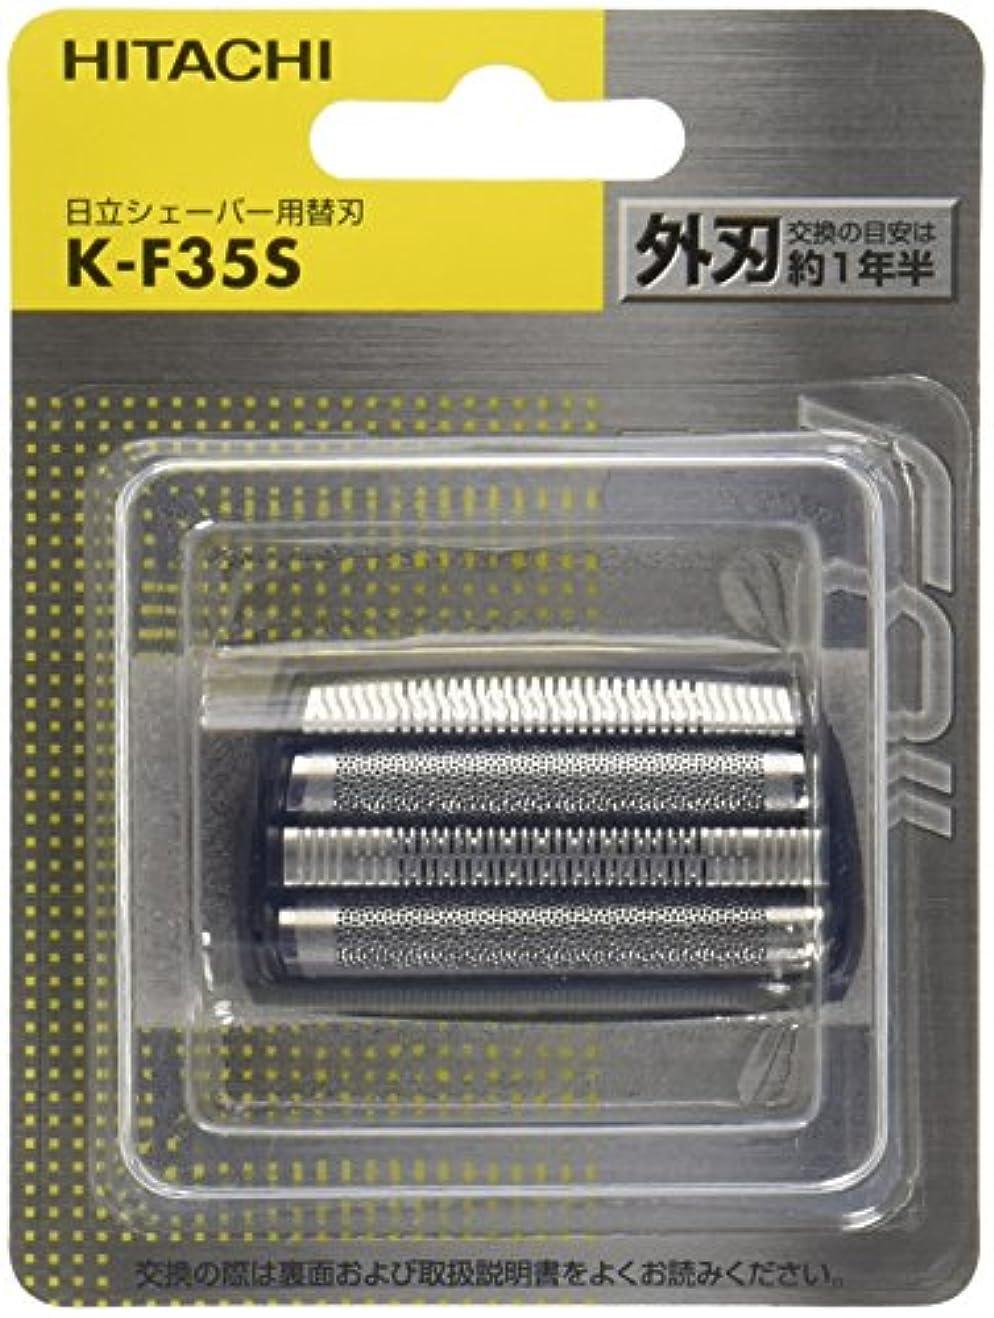 ハードウェアハッチレンチ日立 替刃 外刃 K-F35S